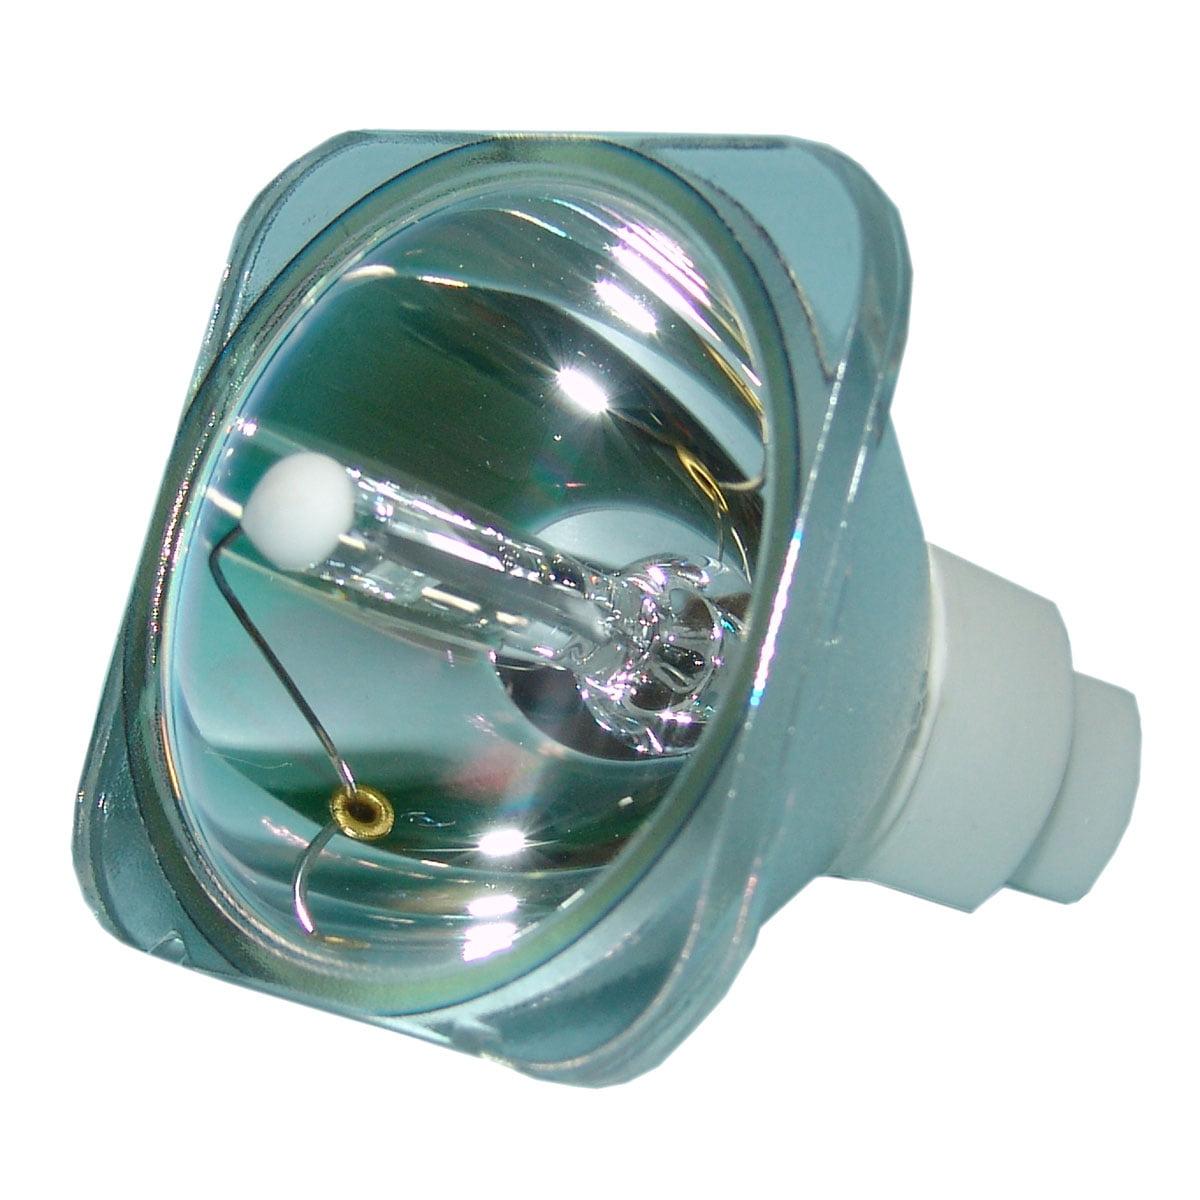 Lutema Platinum lampe pour Christie WU7K-M Projecteur (ampoule Philips originale) - image 5 de 5